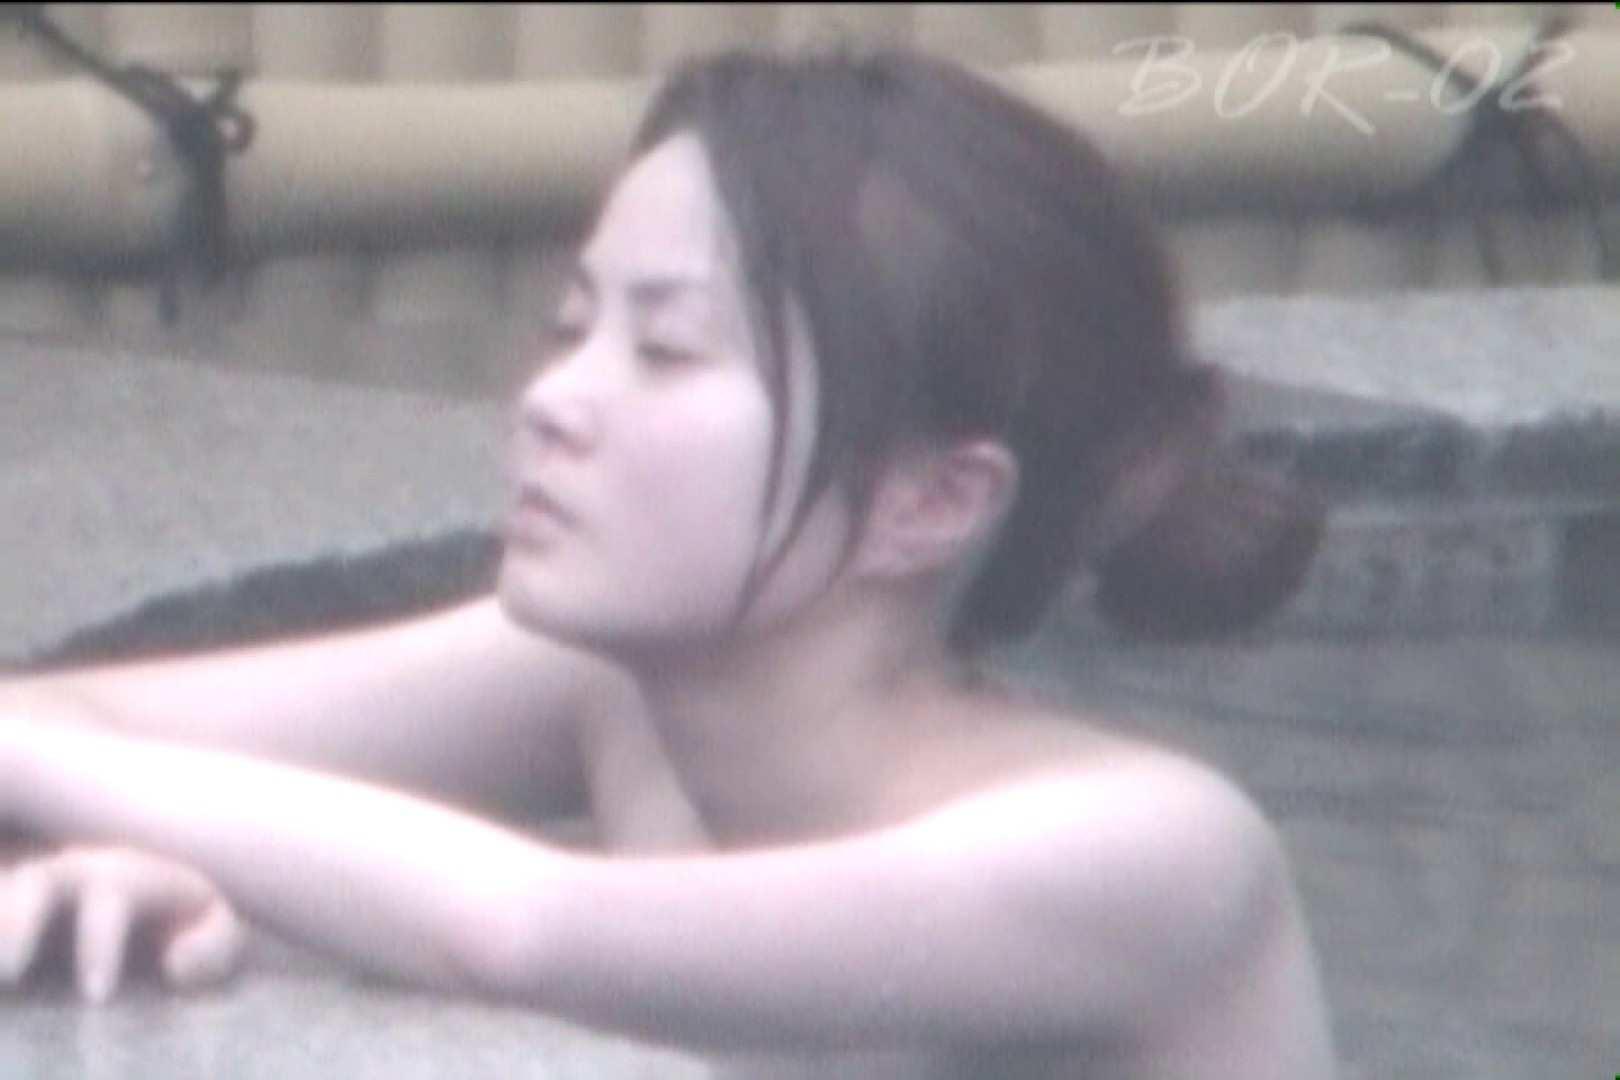 Aquaな露天風呂Vol.474 エッチな盗撮 ワレメ動画紹介 113pic 62